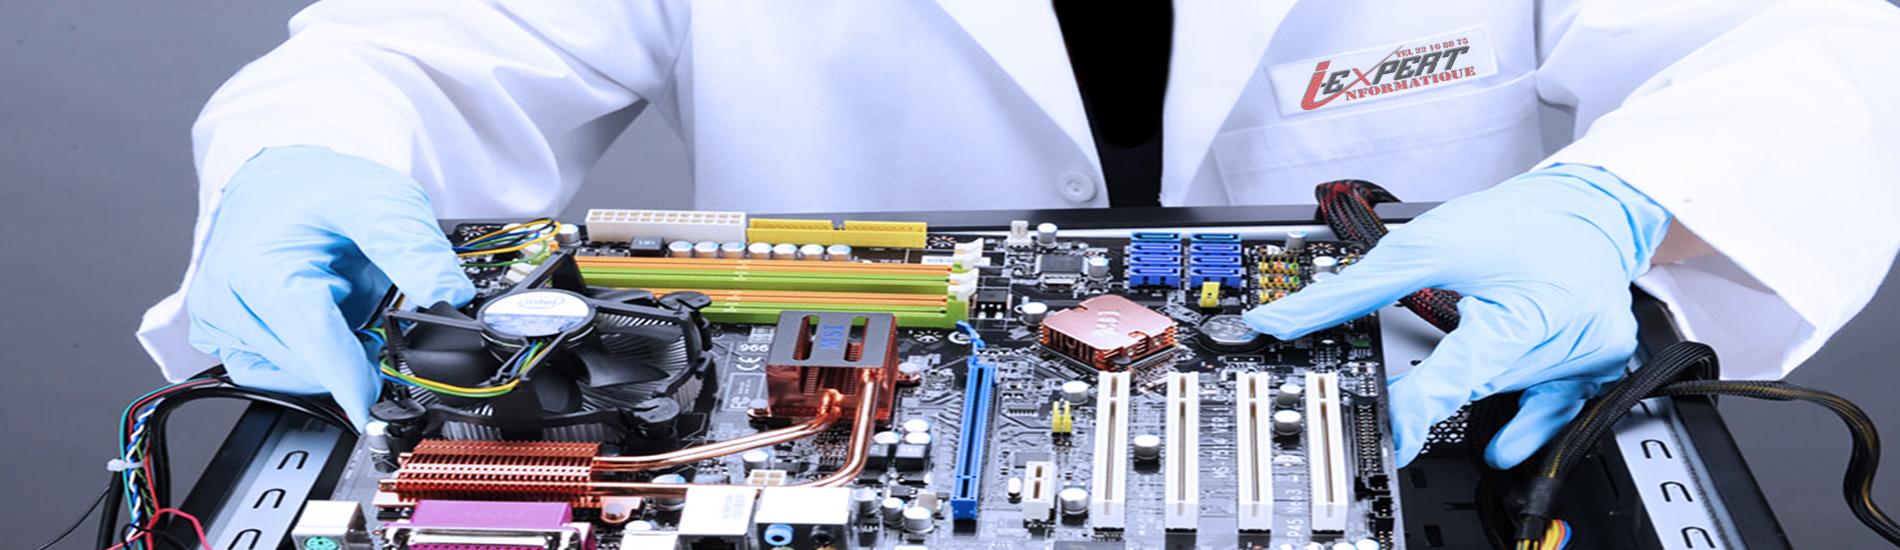 (Français) Expert informatique -MAINTENANCE- réparation PC / recyclage imprimante laser et jet encre